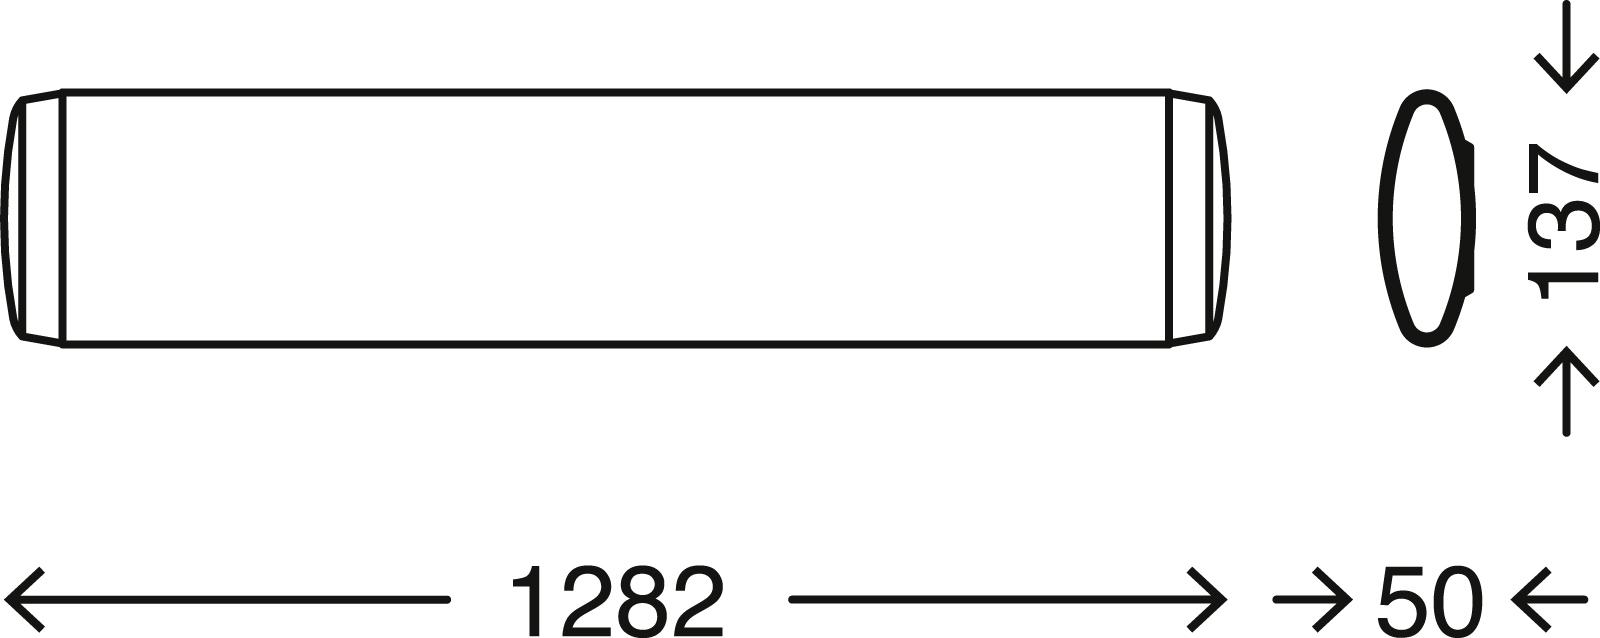 TELEFUNKEN LED Deckenleuchte, 128,2 cm, 23 W, Weiß